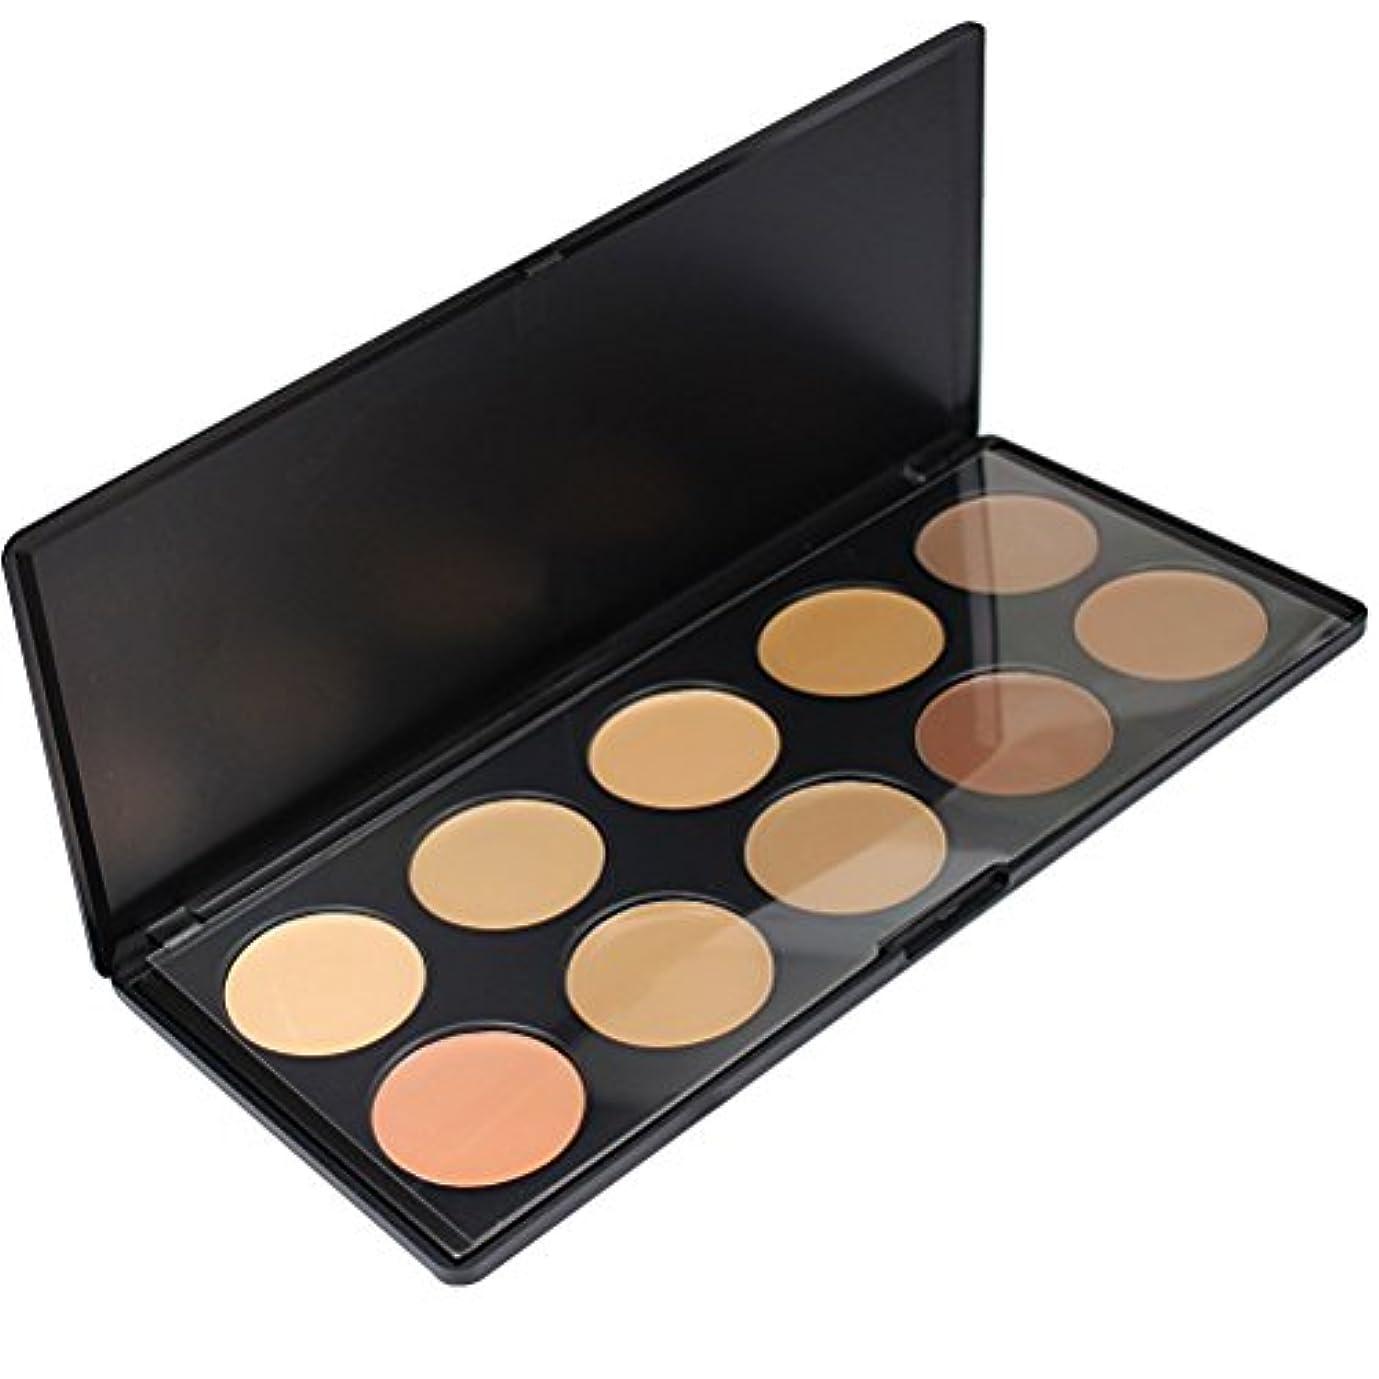 できた引き算ルネッサンスメイクアップエーシーシー (MakeupAcc) 10色コンシーラーパレット アイシャドウパレット メイクアップセット [並行輸入品]